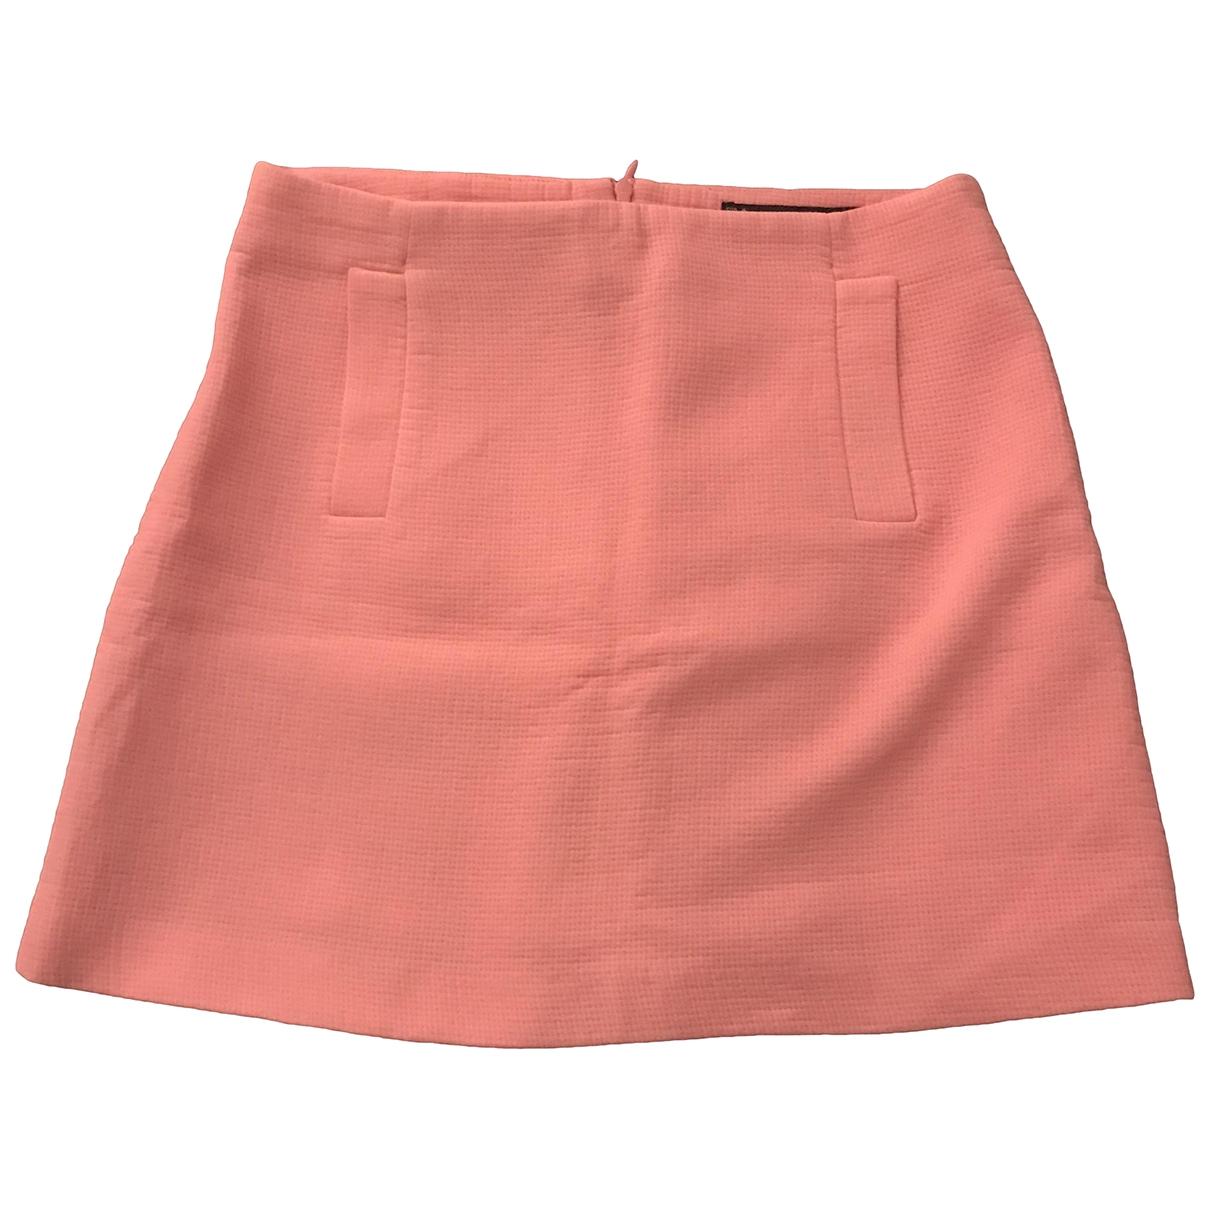 Zara \N Pink skirt for Women M International